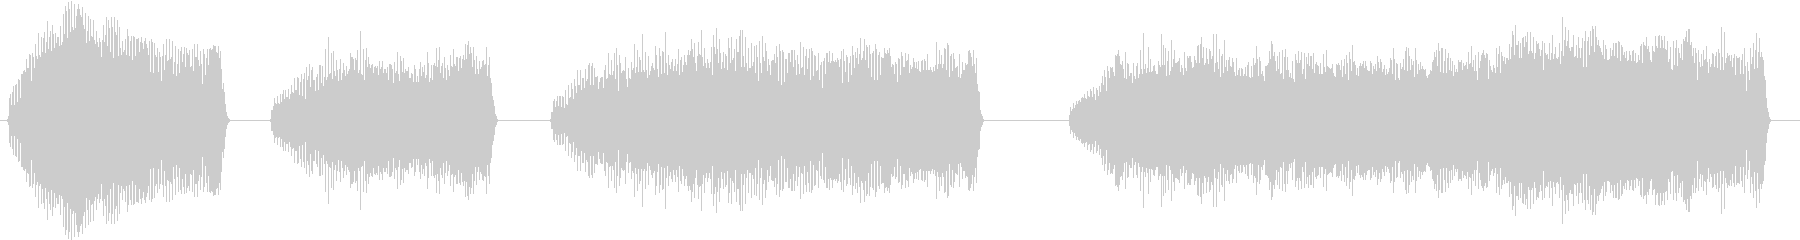 トーンベーススライドワープサステインの未再生の波形